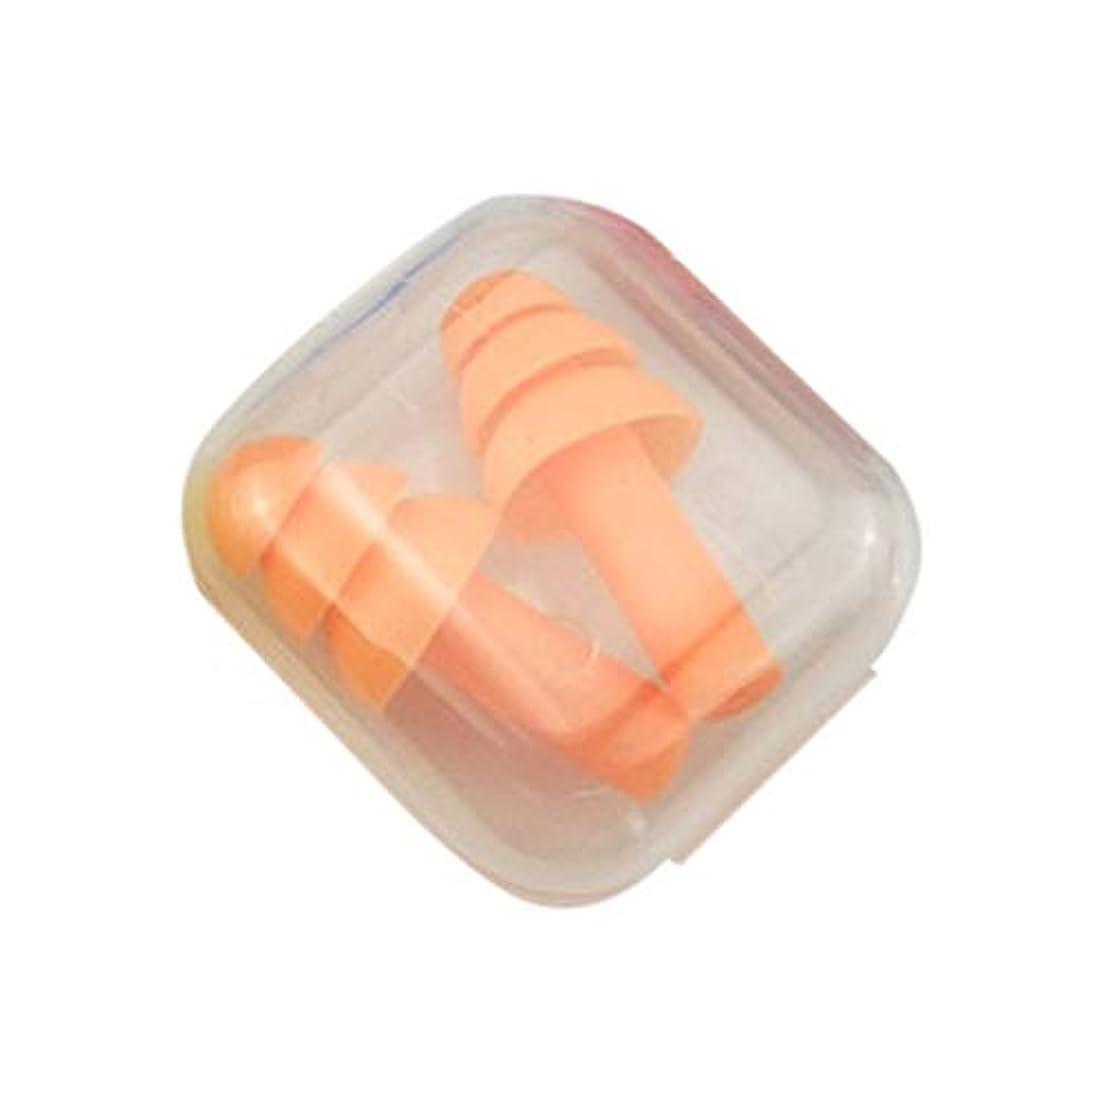 スカイハンディキャップ韓国友美 柔らかいシリコーンの耳栓の健全な絶縁材の耳の保護の耳栓の騒音低減の収納箱が付いている睡眠のプラグ